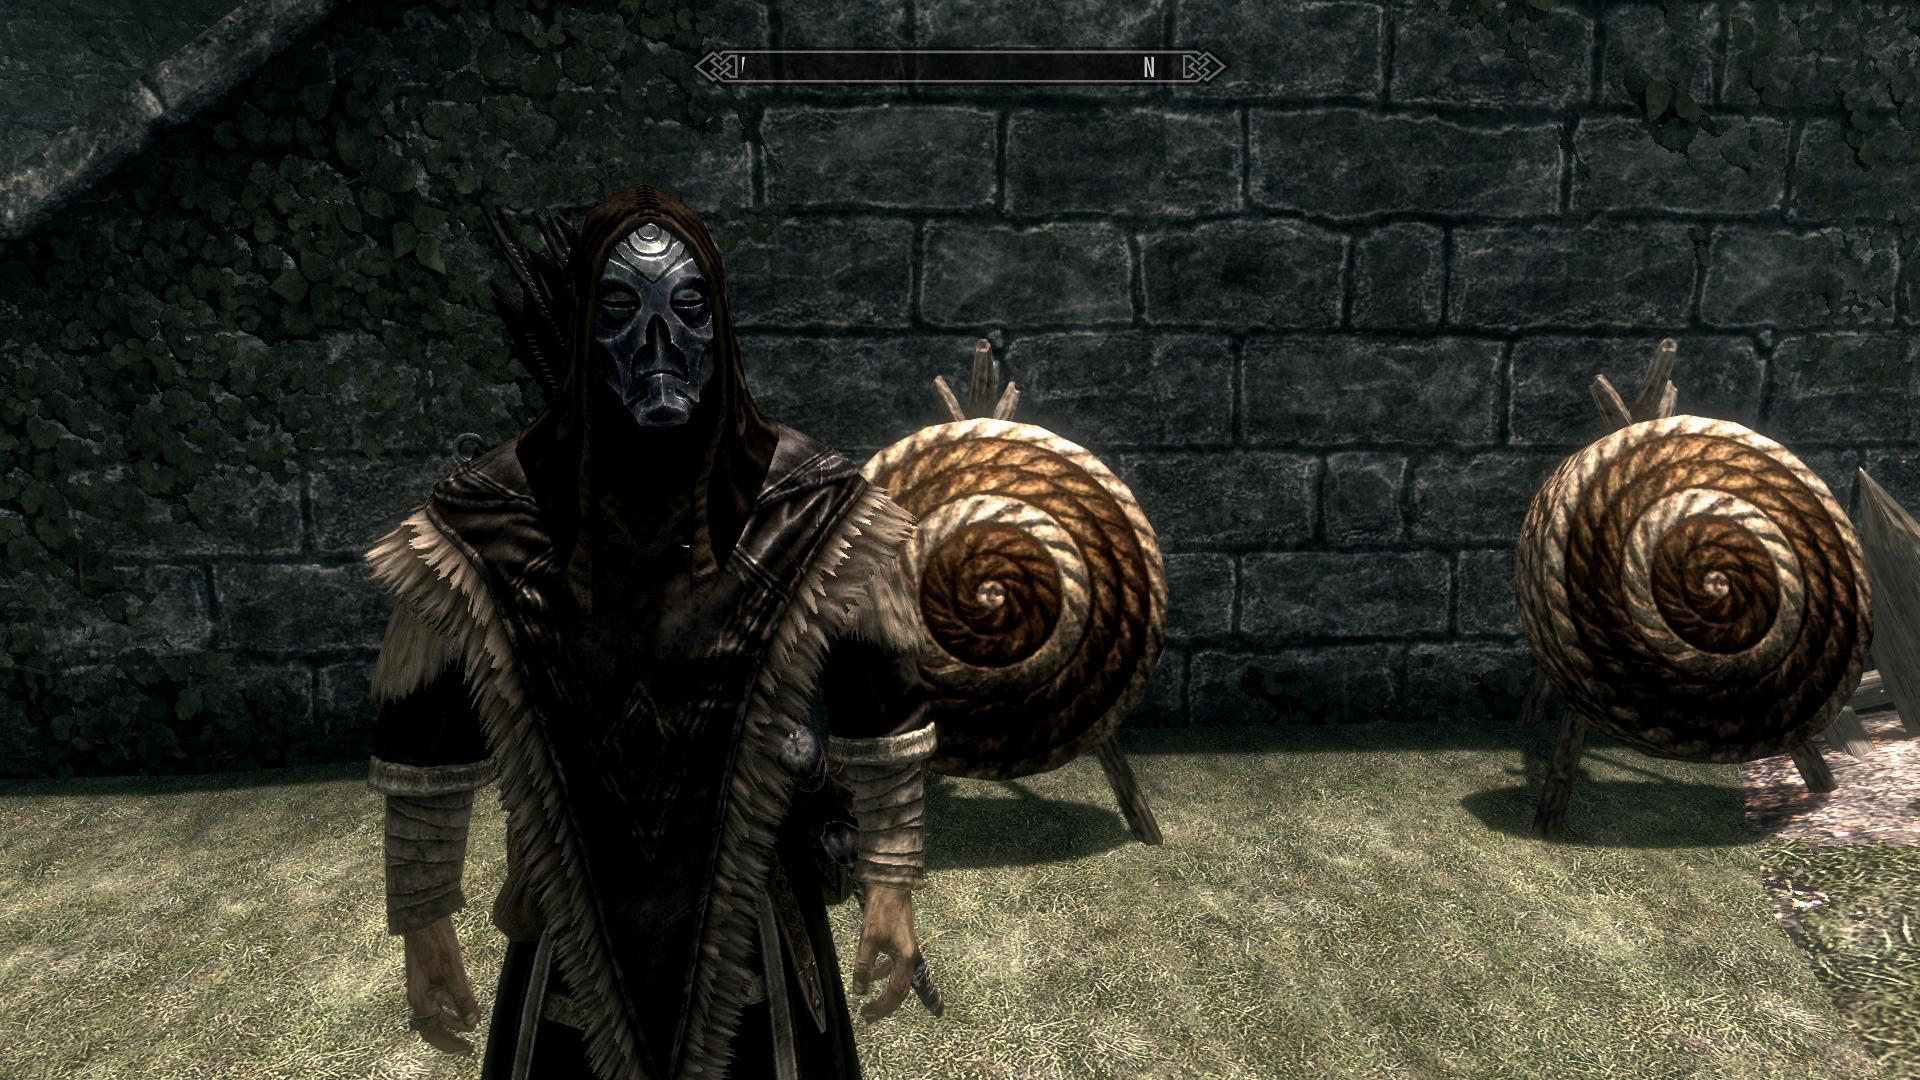 Recenze The Elder Scrolls V: Skyrim - mírně kritická recenze na titul roku. 9018